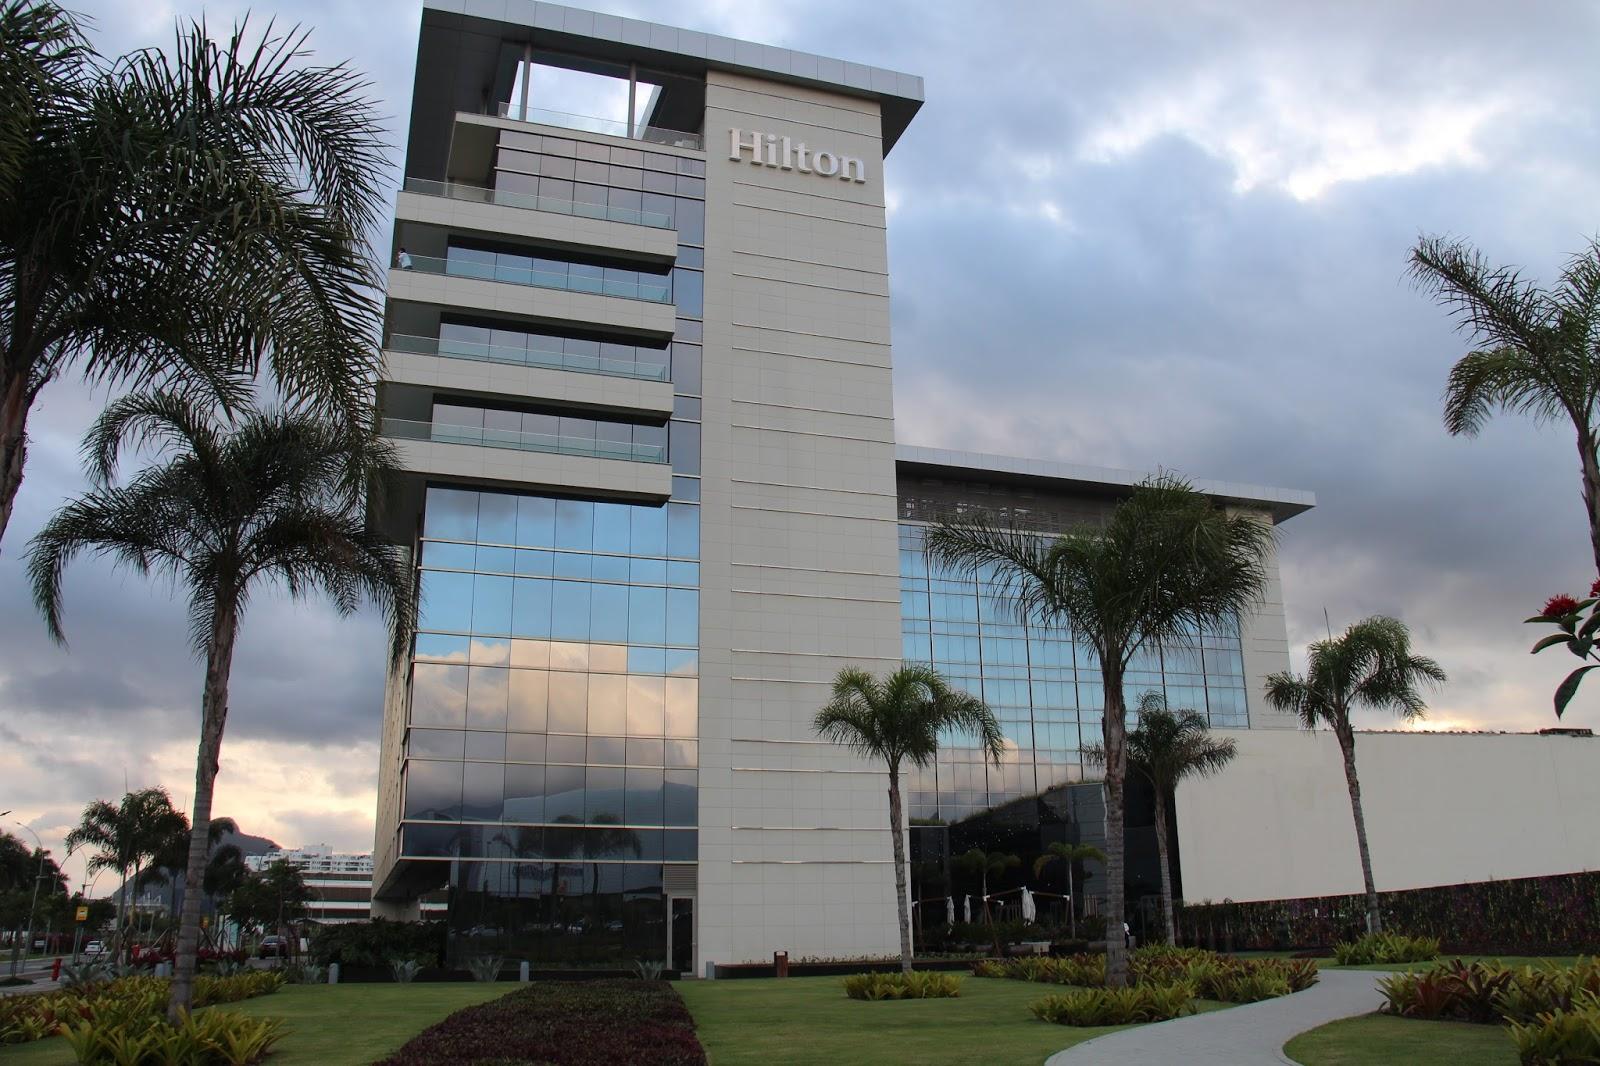 e4d95087e MELHORES HOTÉIS RJ: Hilton Barra Rio de Janeiro | Apaixonados por ...